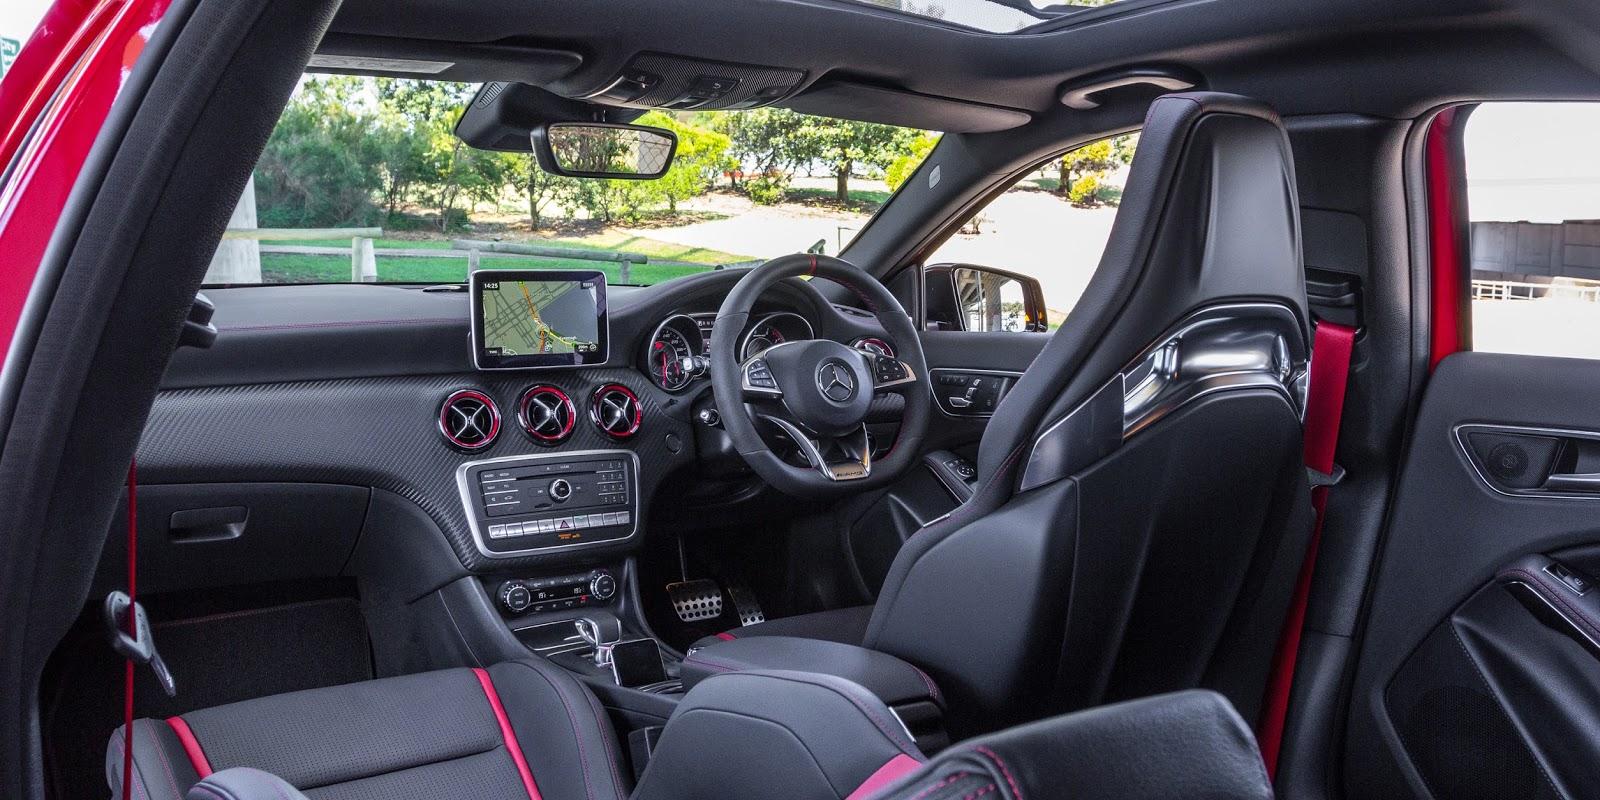 Khoang lái của Mercedes AMG A45 4Matic 2016 tạo quá nhiều phấn khích, đặc biệt rất thông minh với các tính năng an toàn